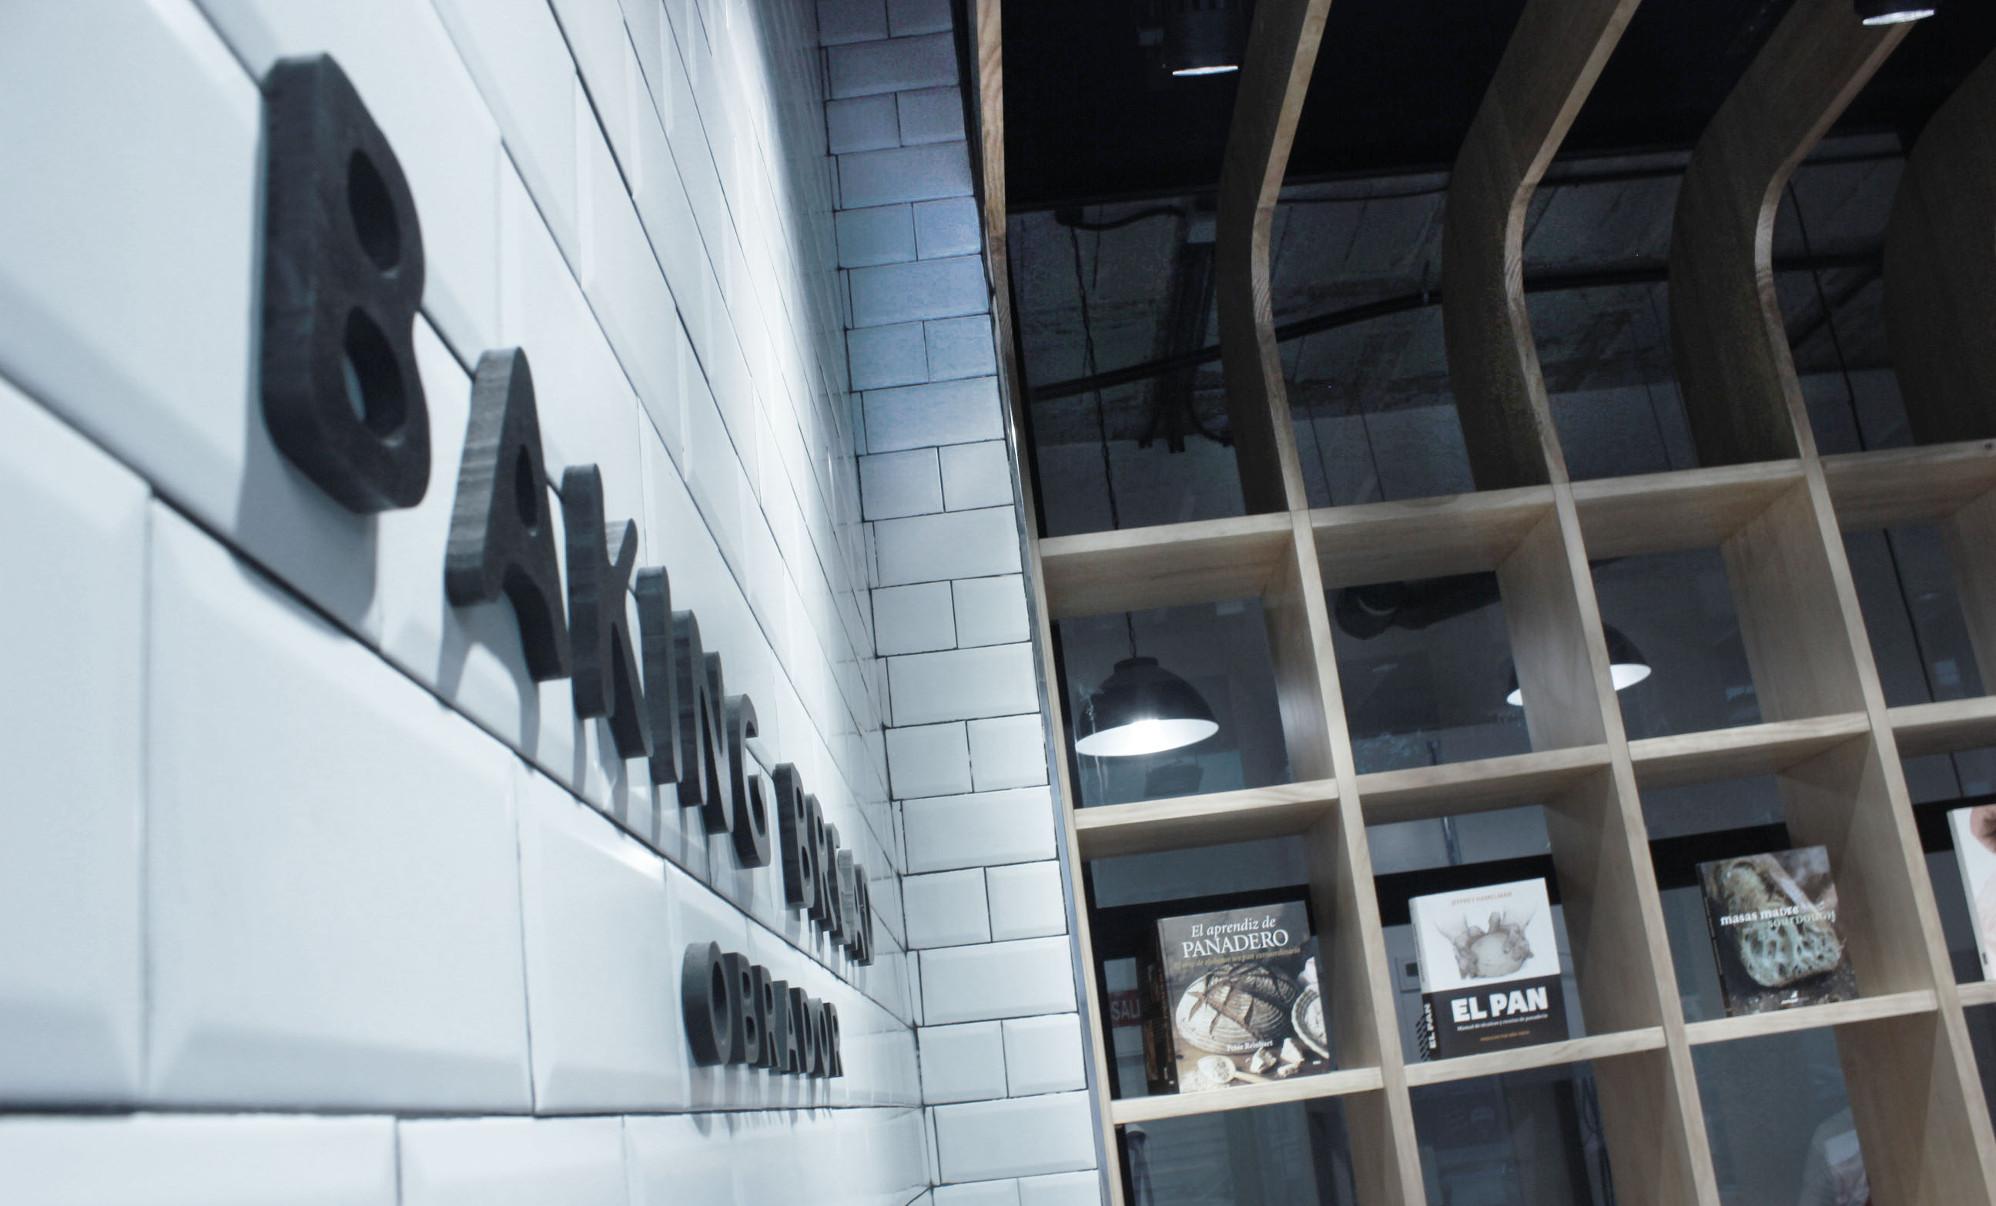 Dise os de restaurantes originales las claves de este - Estudios de arquitectura sevilla ...